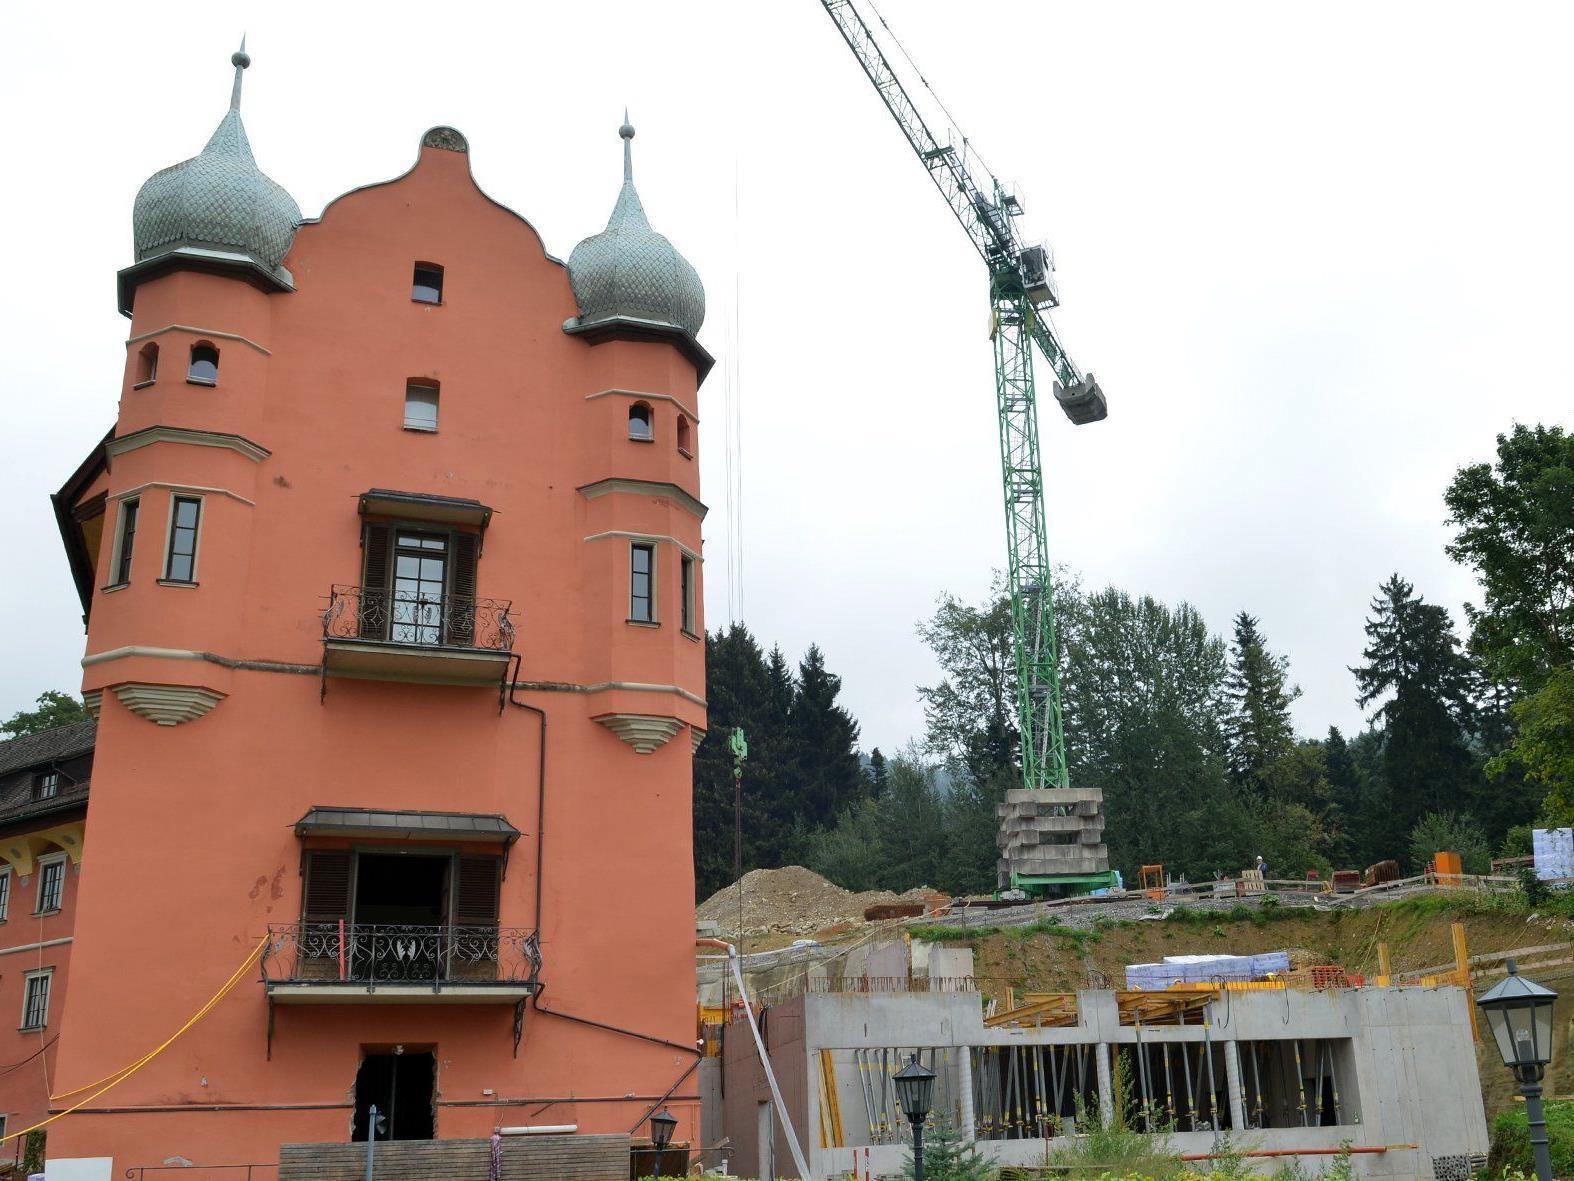 Baustelle Schloss Hofen in Lochau.